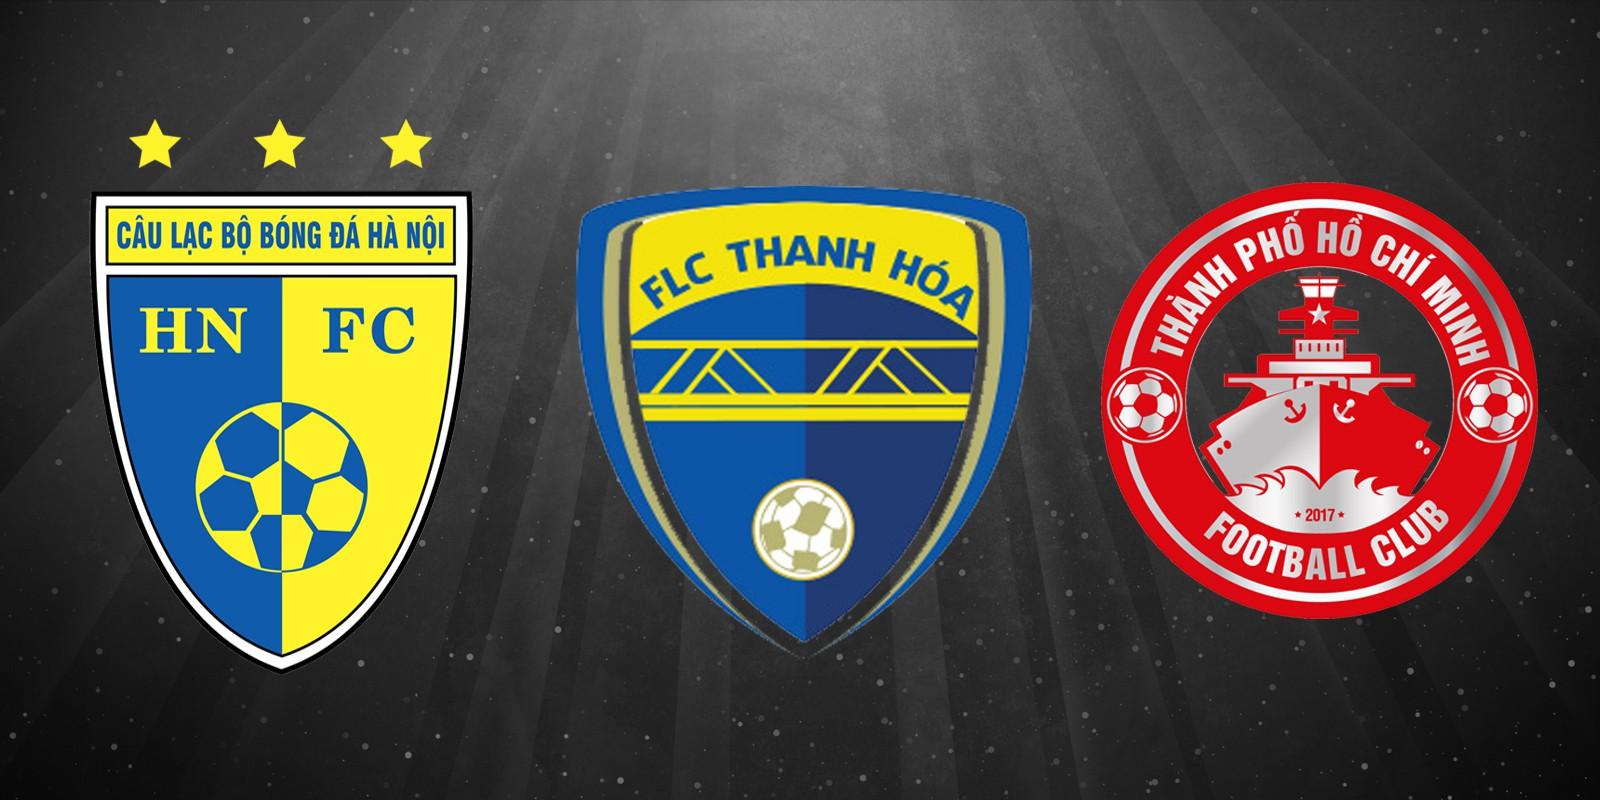 CLB TPHCM có thể cùng Hà Nội FC và CLB TPHCM tạo nên thế trận chân kiềng ở V.League 2018.